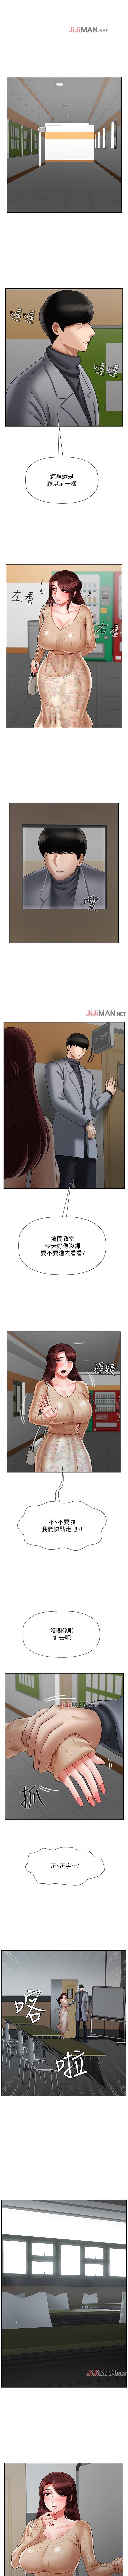 【已休刊】坏老师(作者:朴世談&福) 第1~31话 185